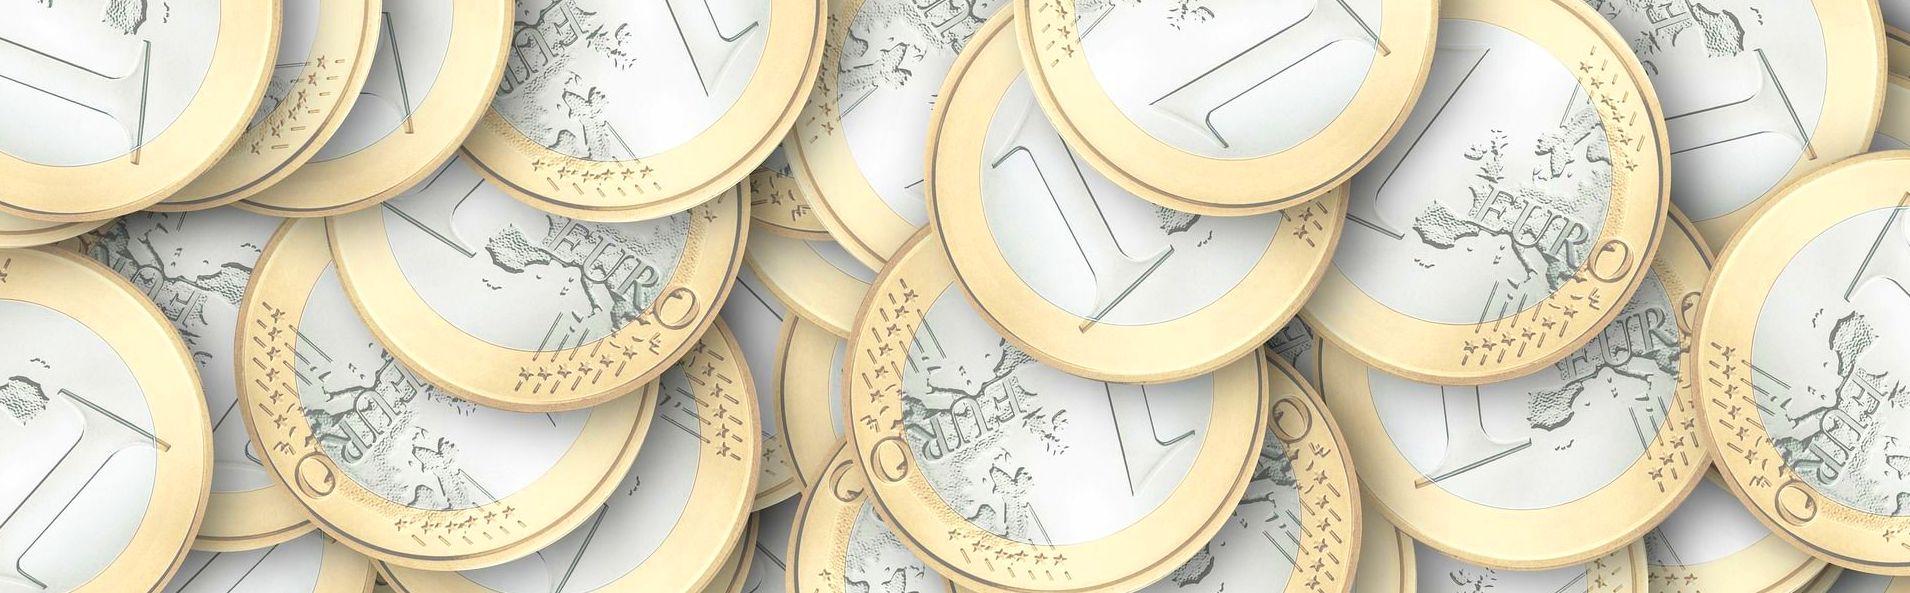 Dinero urgente - Préstamo personal - Crédito rápido - Valencia